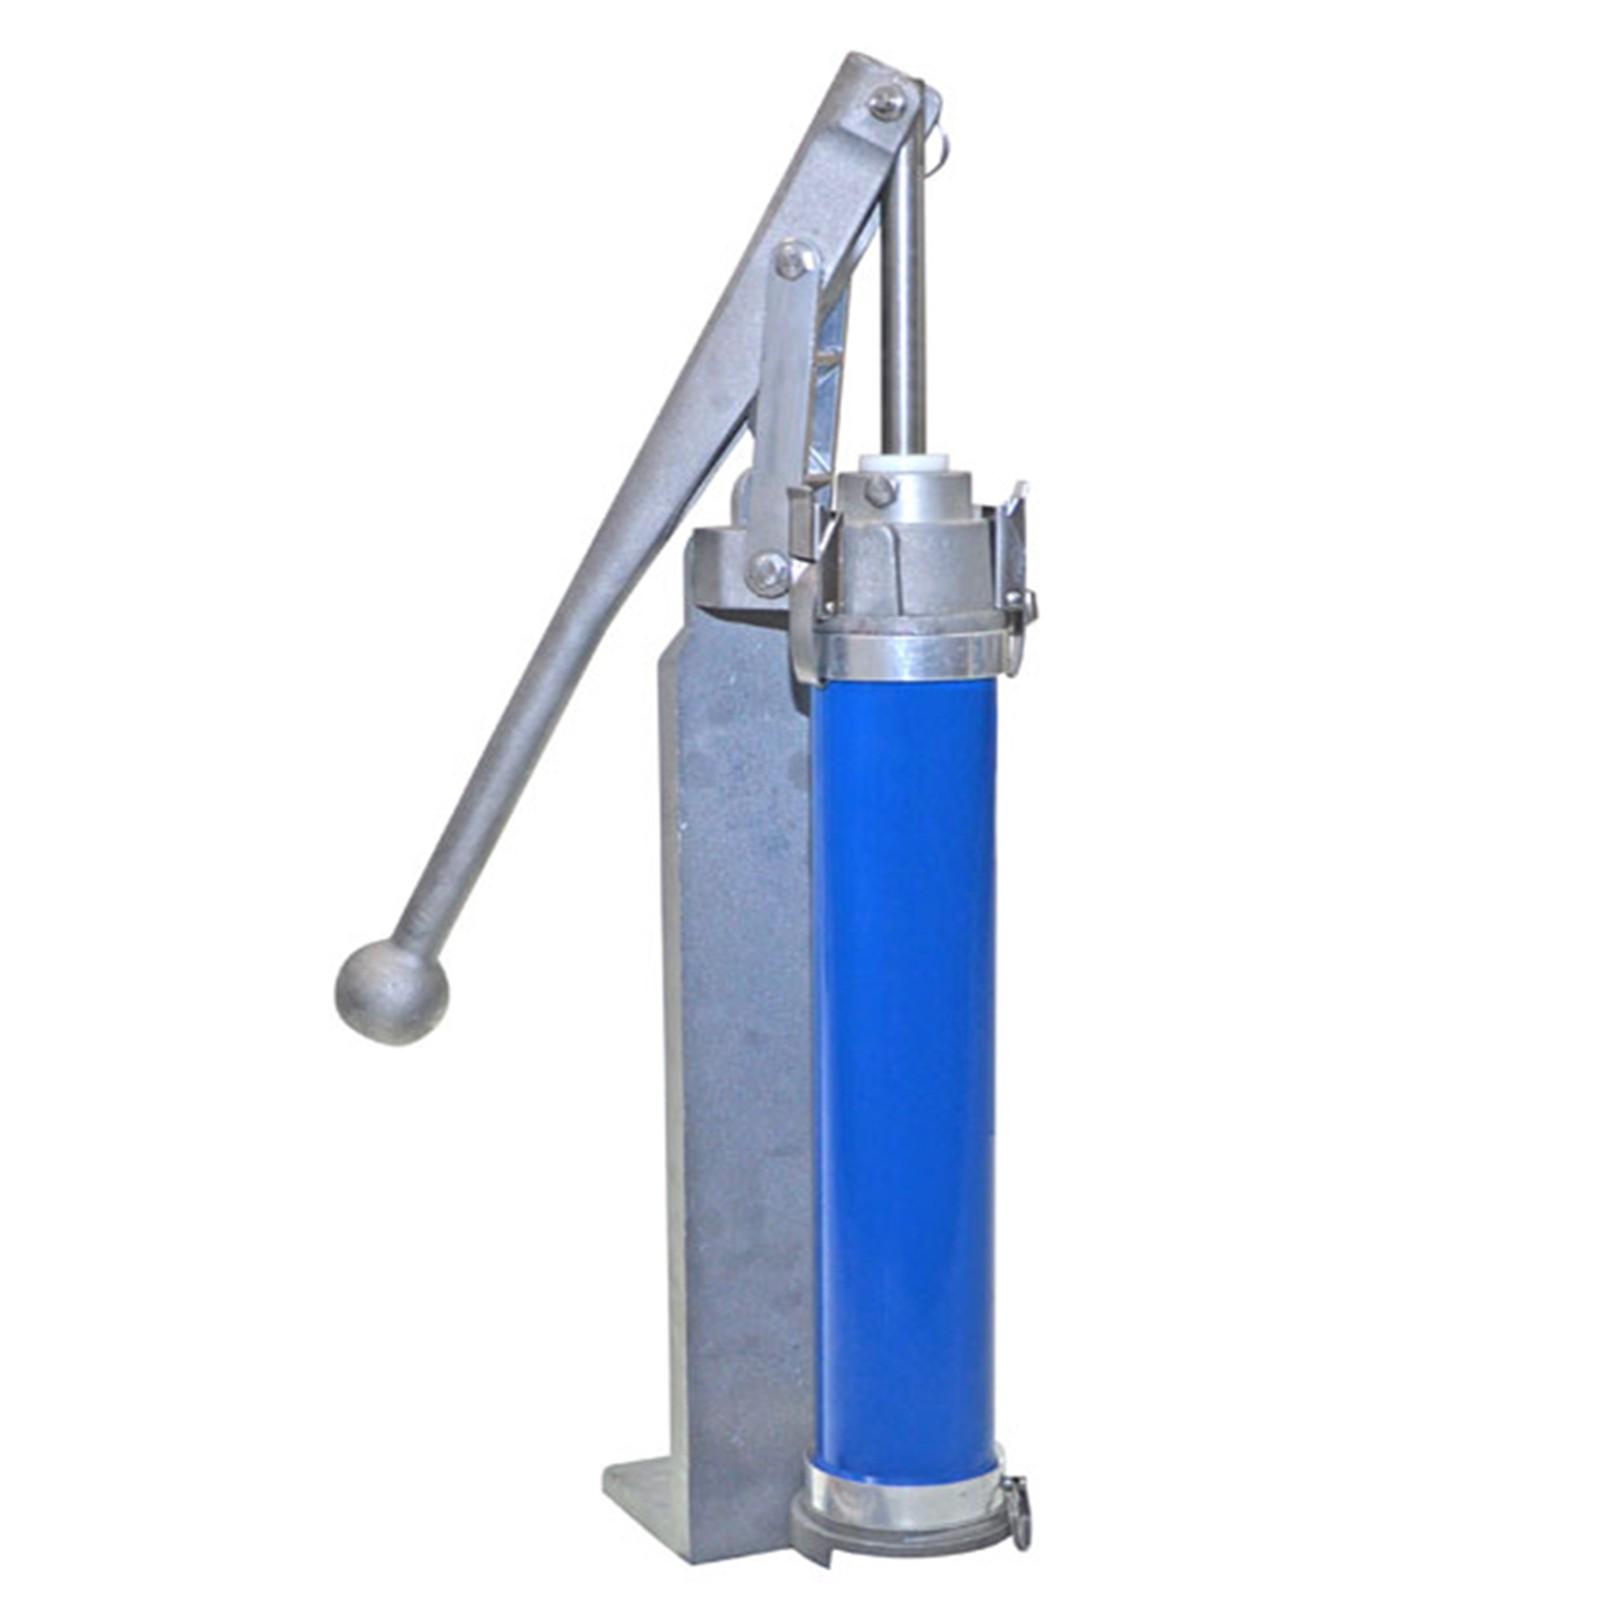 Pump Parts Diagram